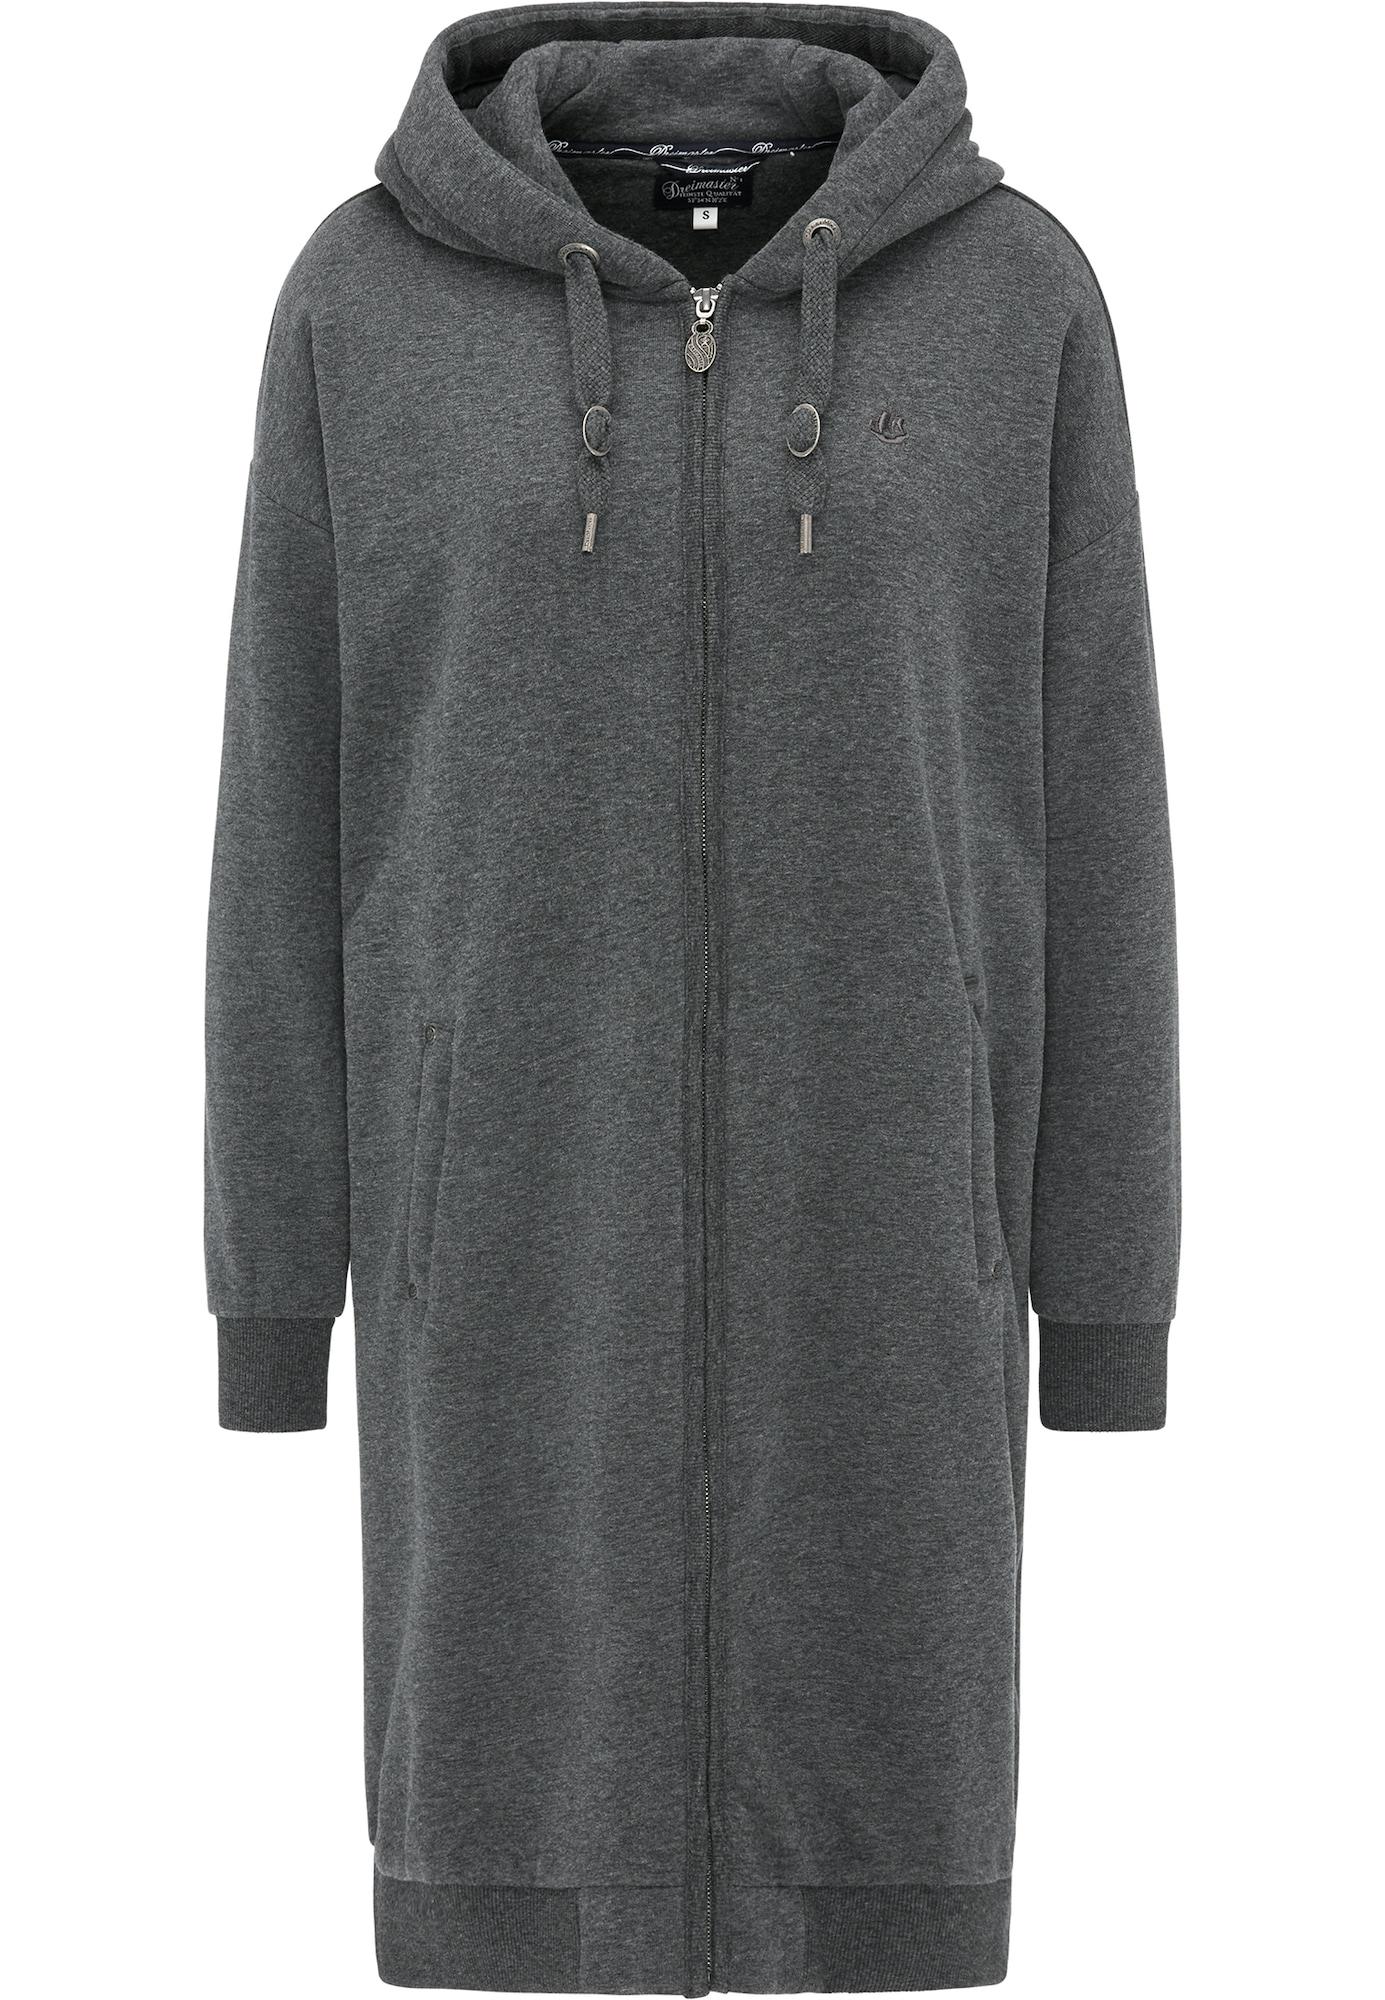 Sweatjacke | Bekleidung > Sweatshirts & -jacken > Sweatjacken | Dunkelgrau | dreimaster